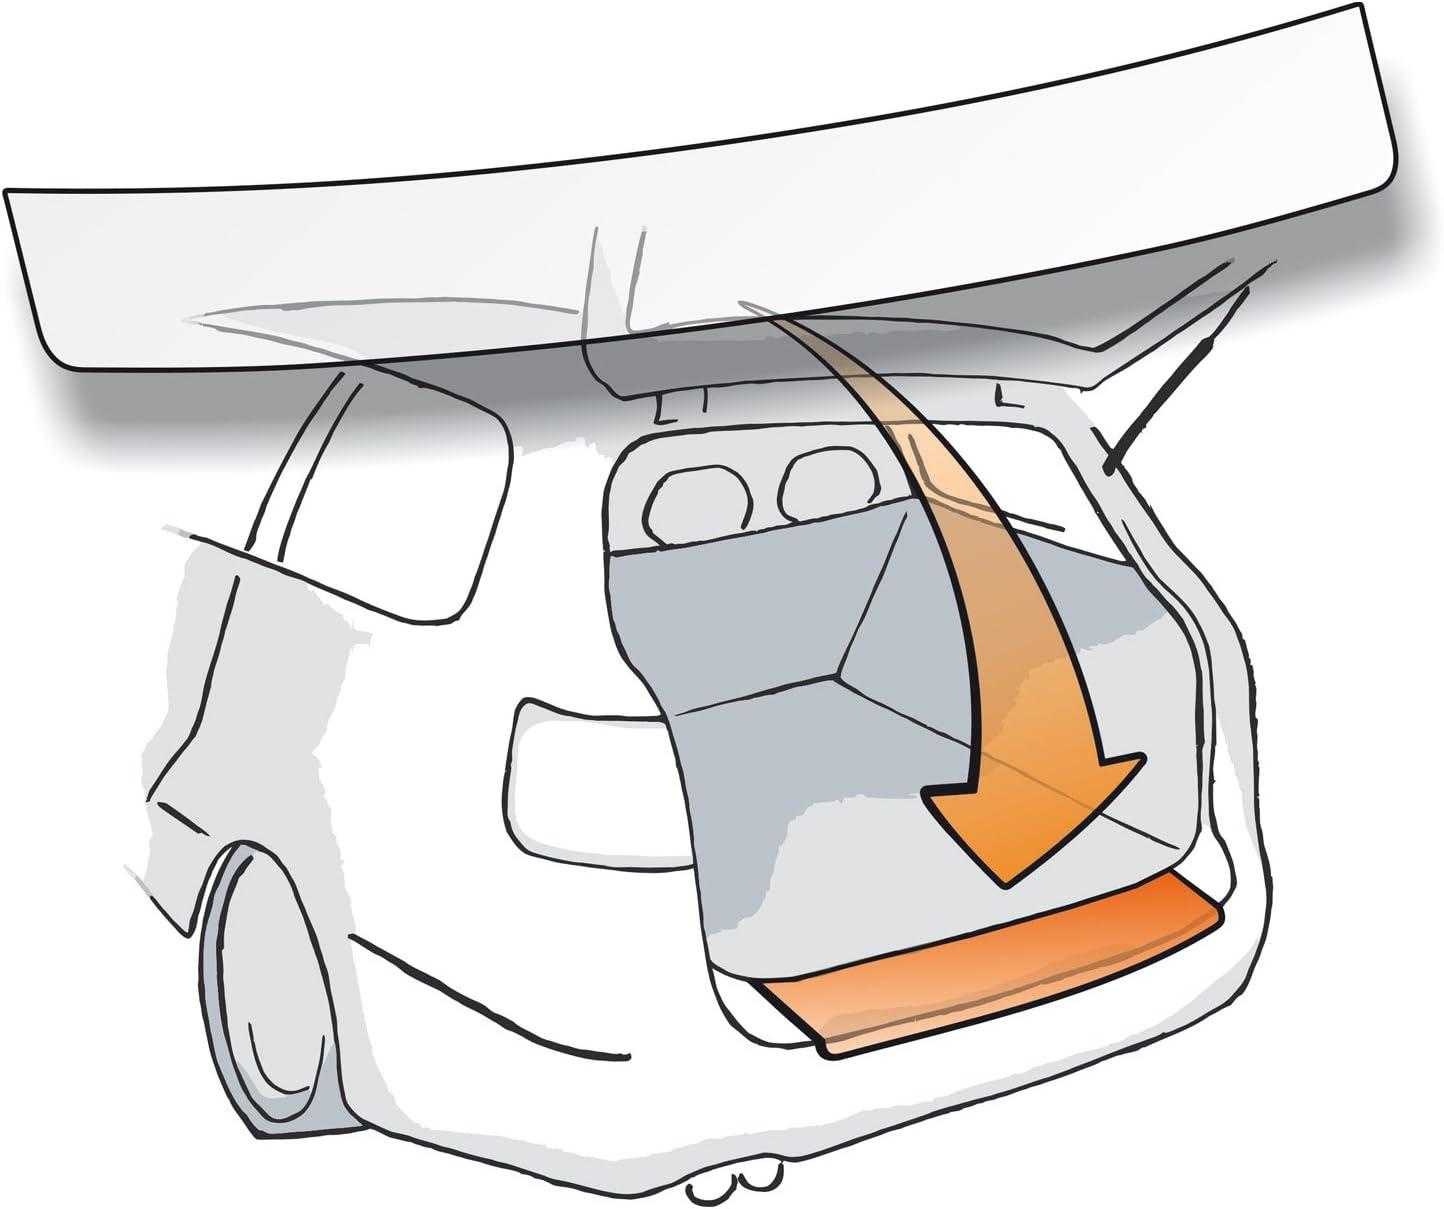 /Vedi descrizione Auto Schermo e Pellicola Proteggi Schermo per tipo di veicolo trasparente 150/µm/ Forma di schermo come selbstklebender protezione paraurti